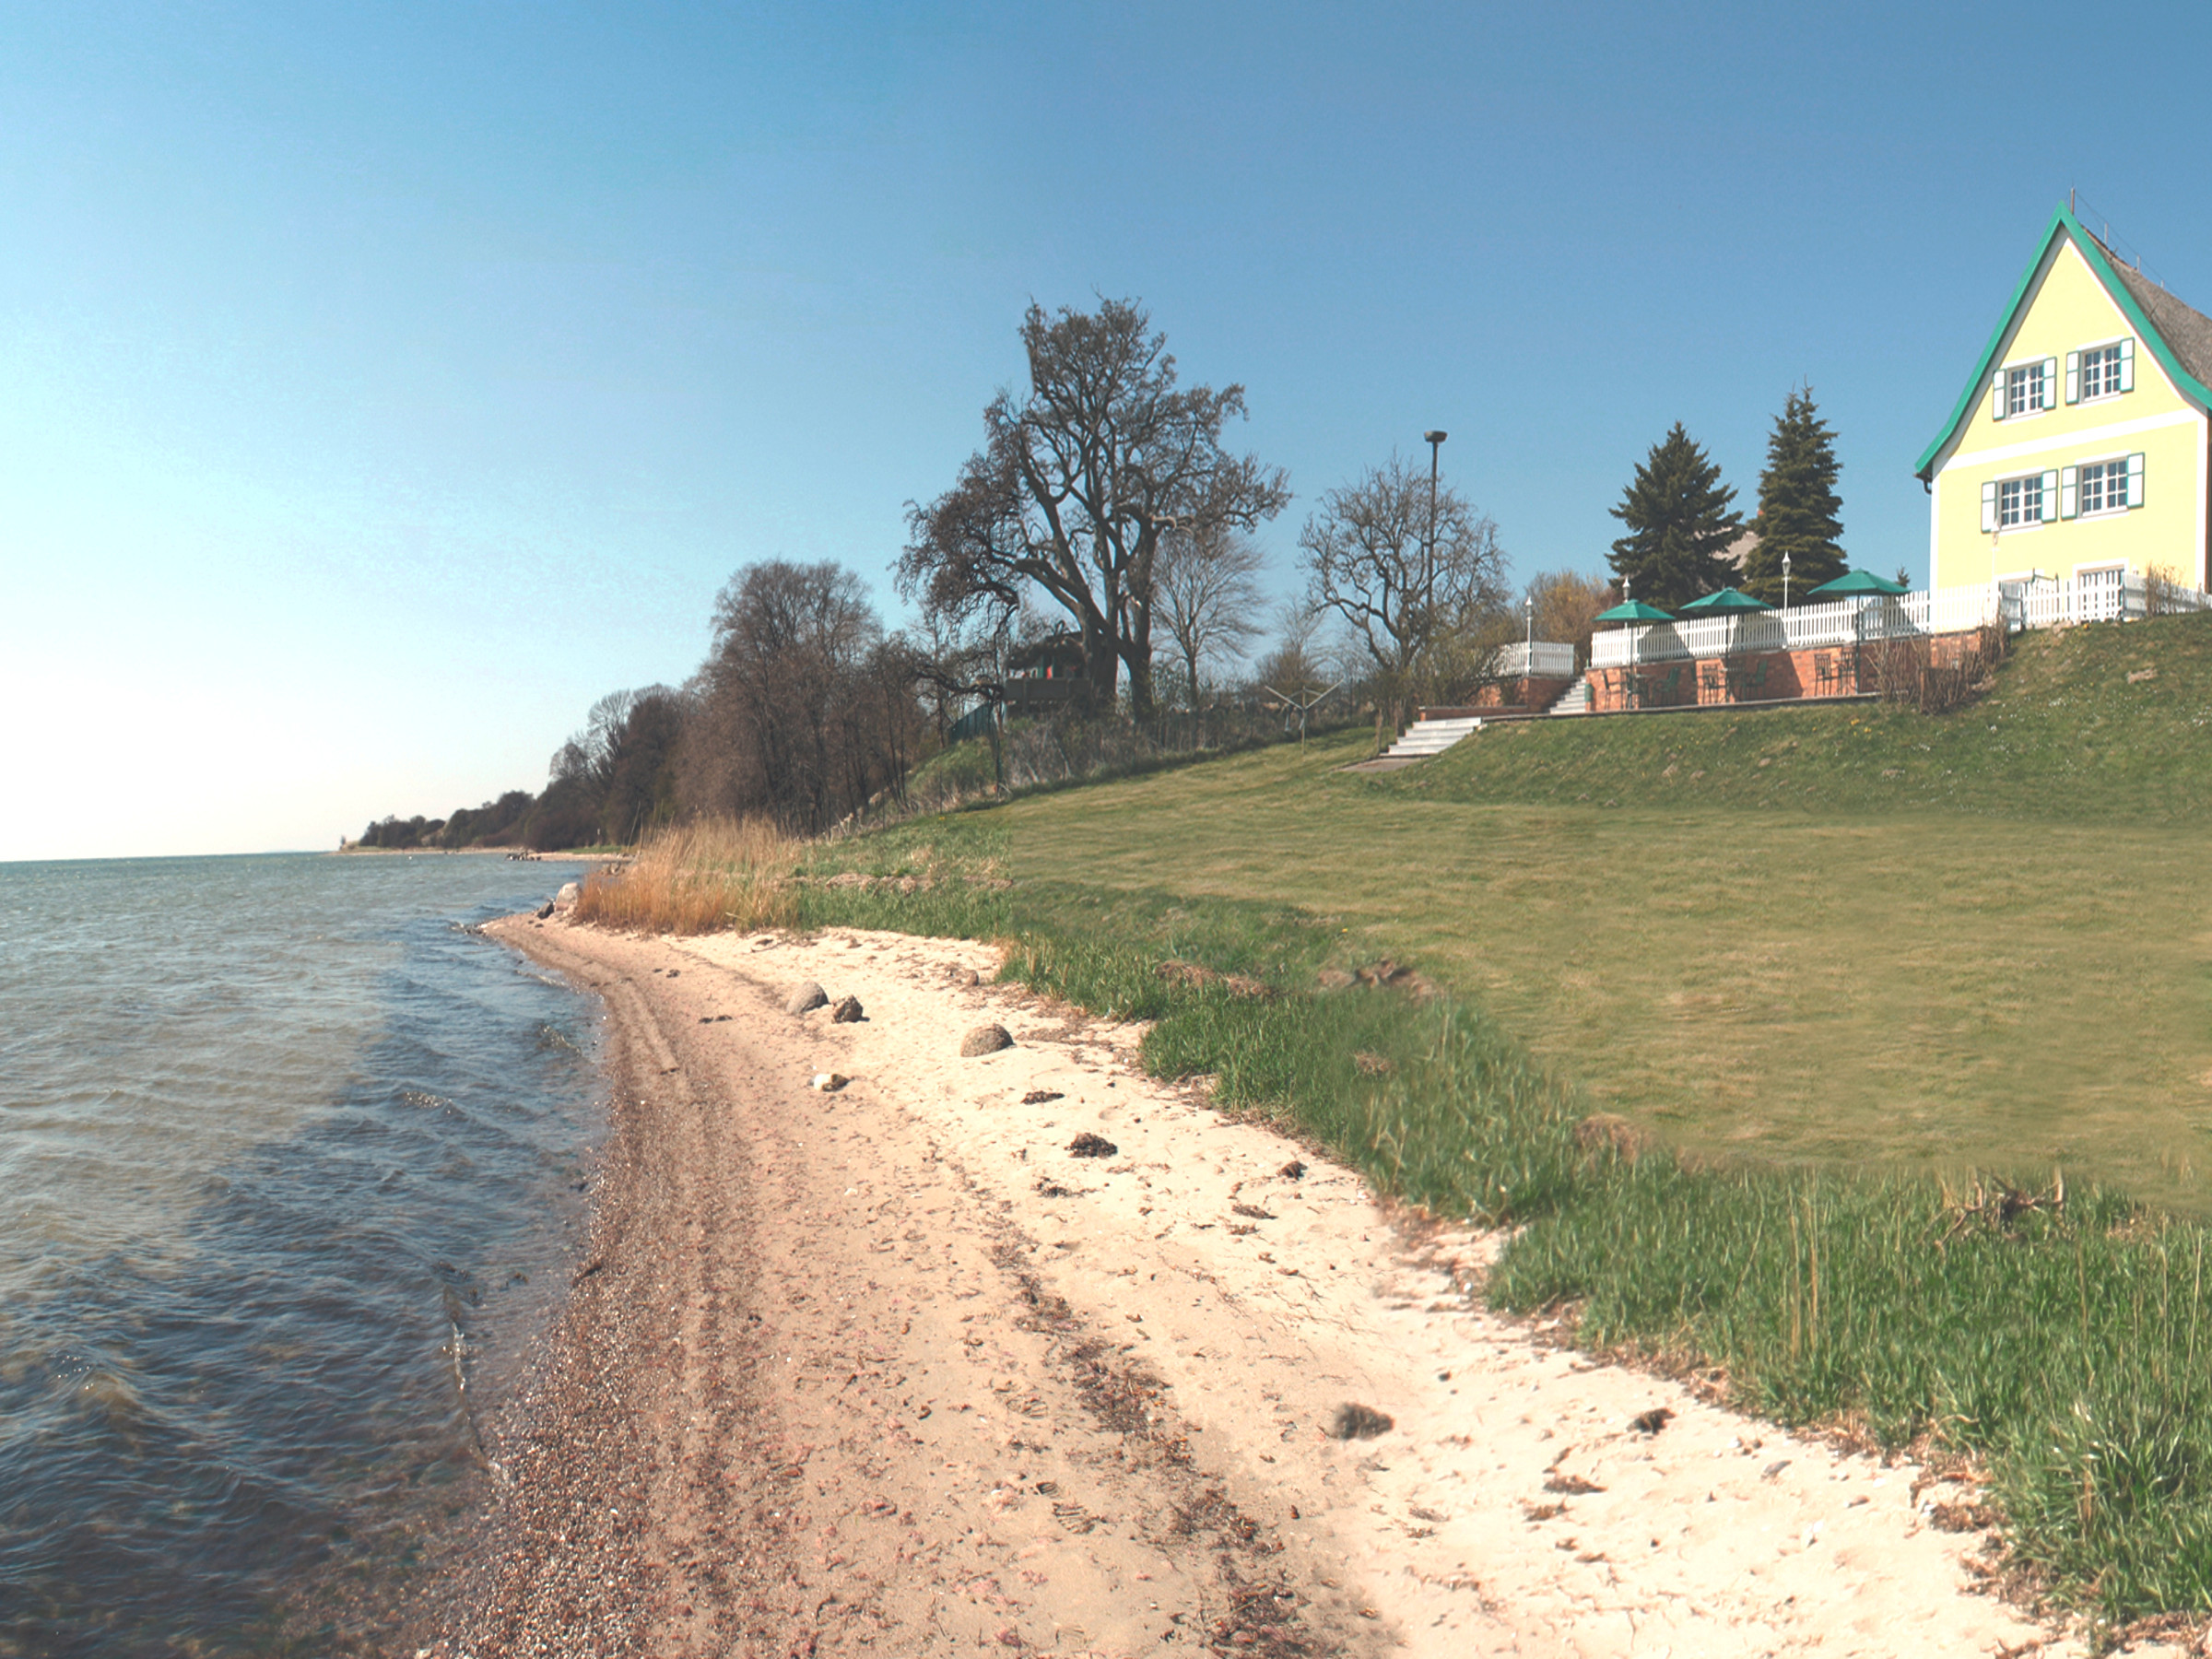 Ferienwohnung Ferienanlage Alt Reddevitz, (Alt Reddevitz). Ferienwohnung Neukölln, 35 qm, 1 Schlafzimmer (1029663), Alt Reddevitz, Rügen, Mecklenburg-Vorpommern, Deutschland, Bild 19